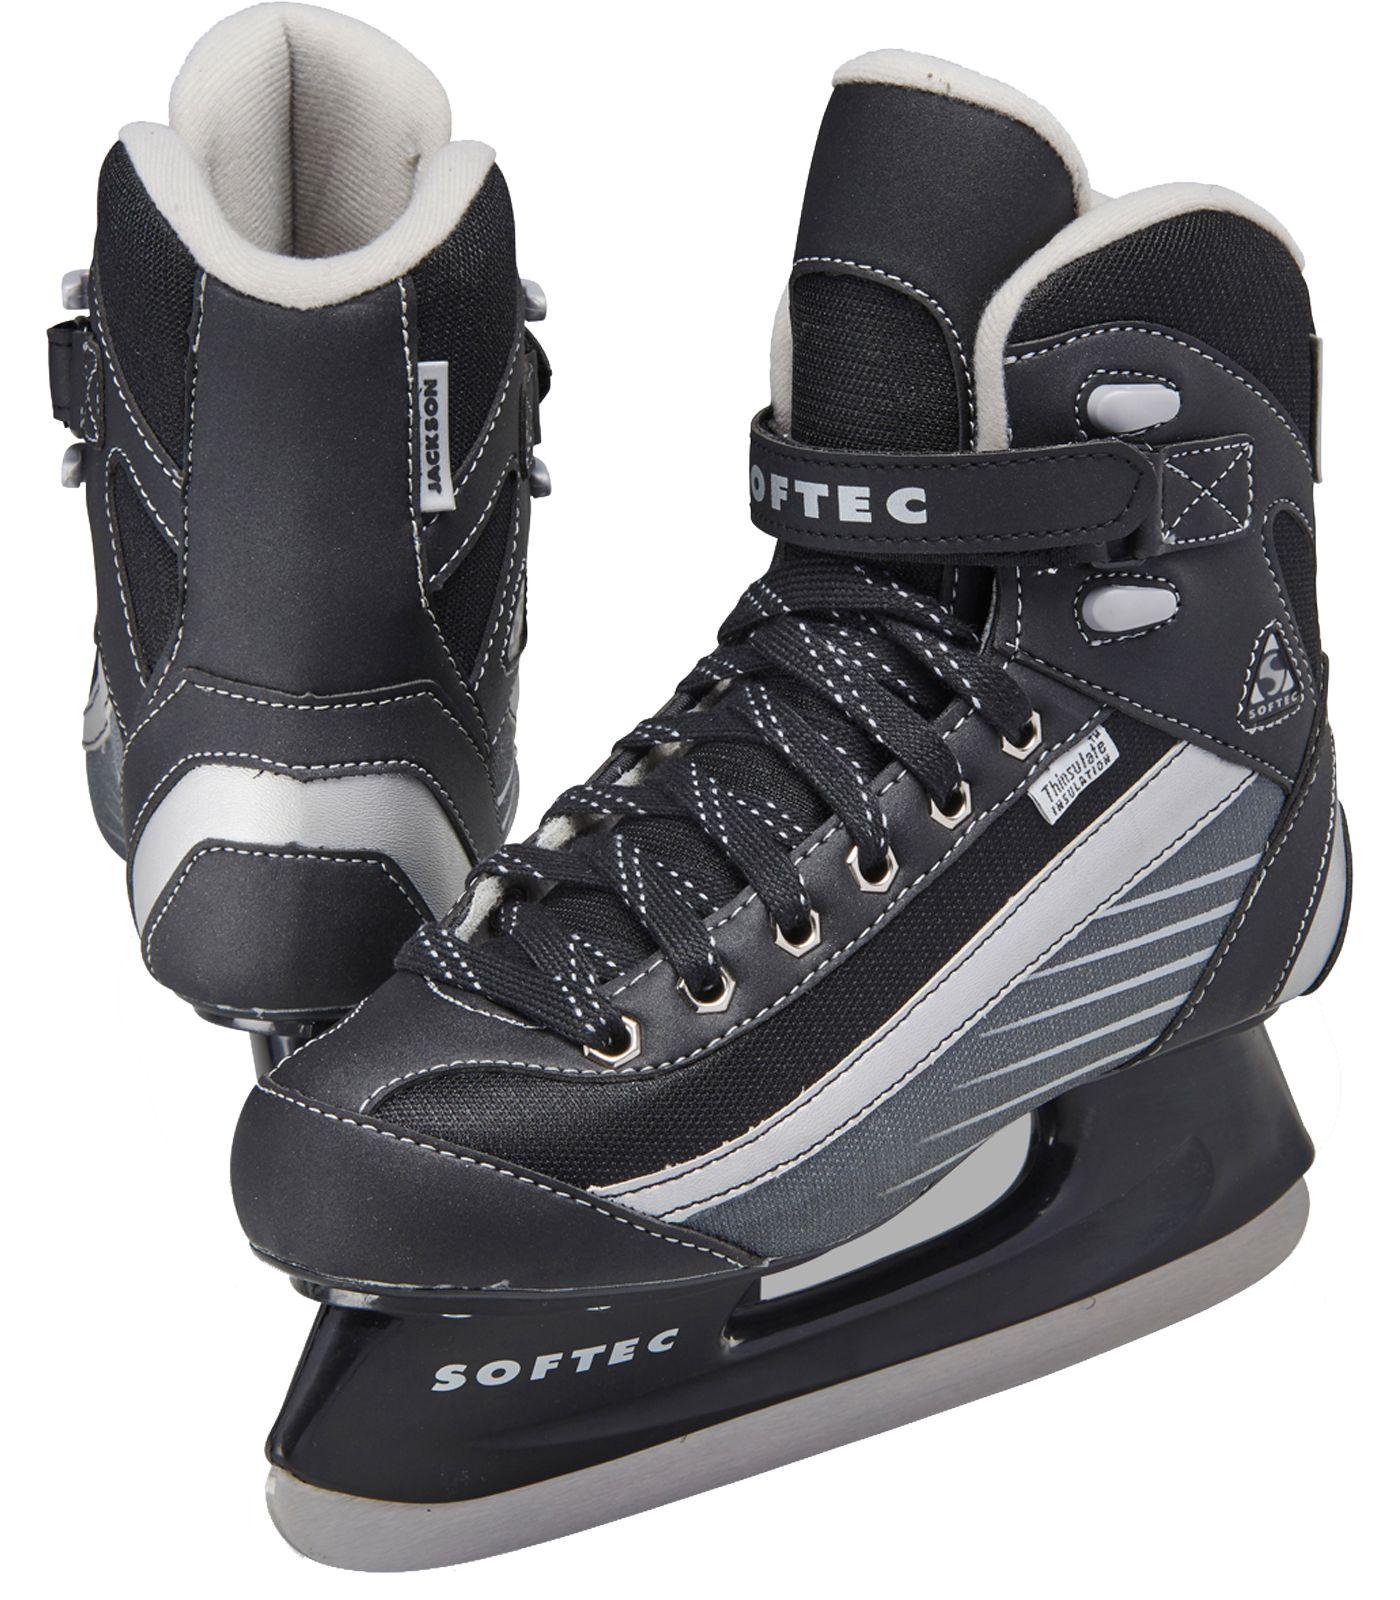 Jackson Ultima Men's Softec Sport Ice Skates